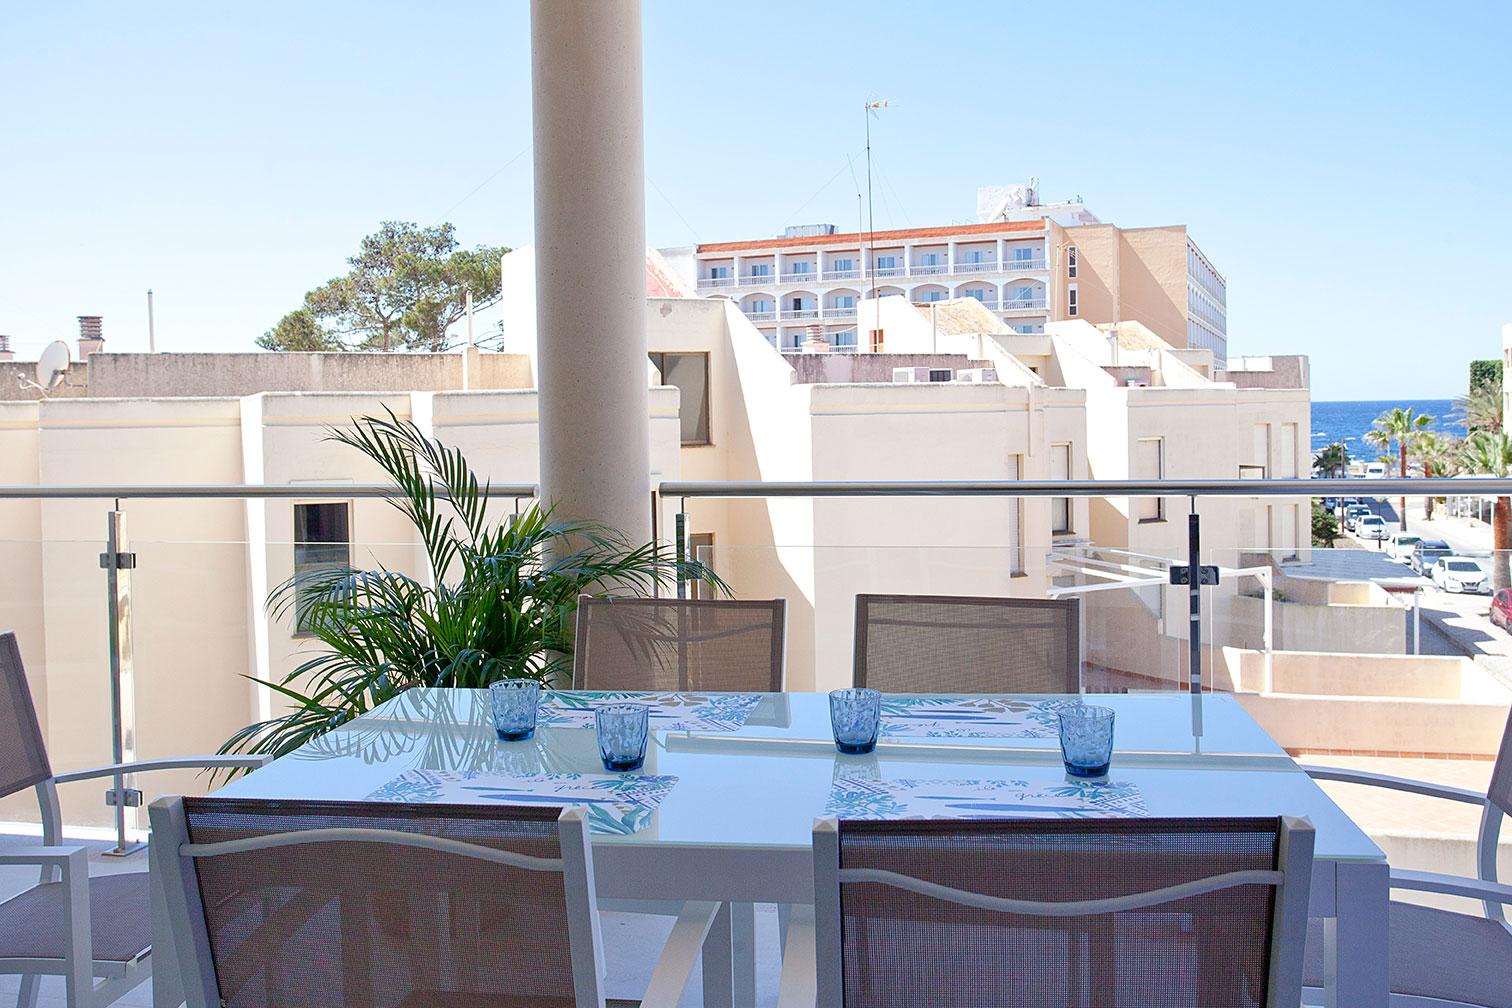 Mesa puesta en una terraza